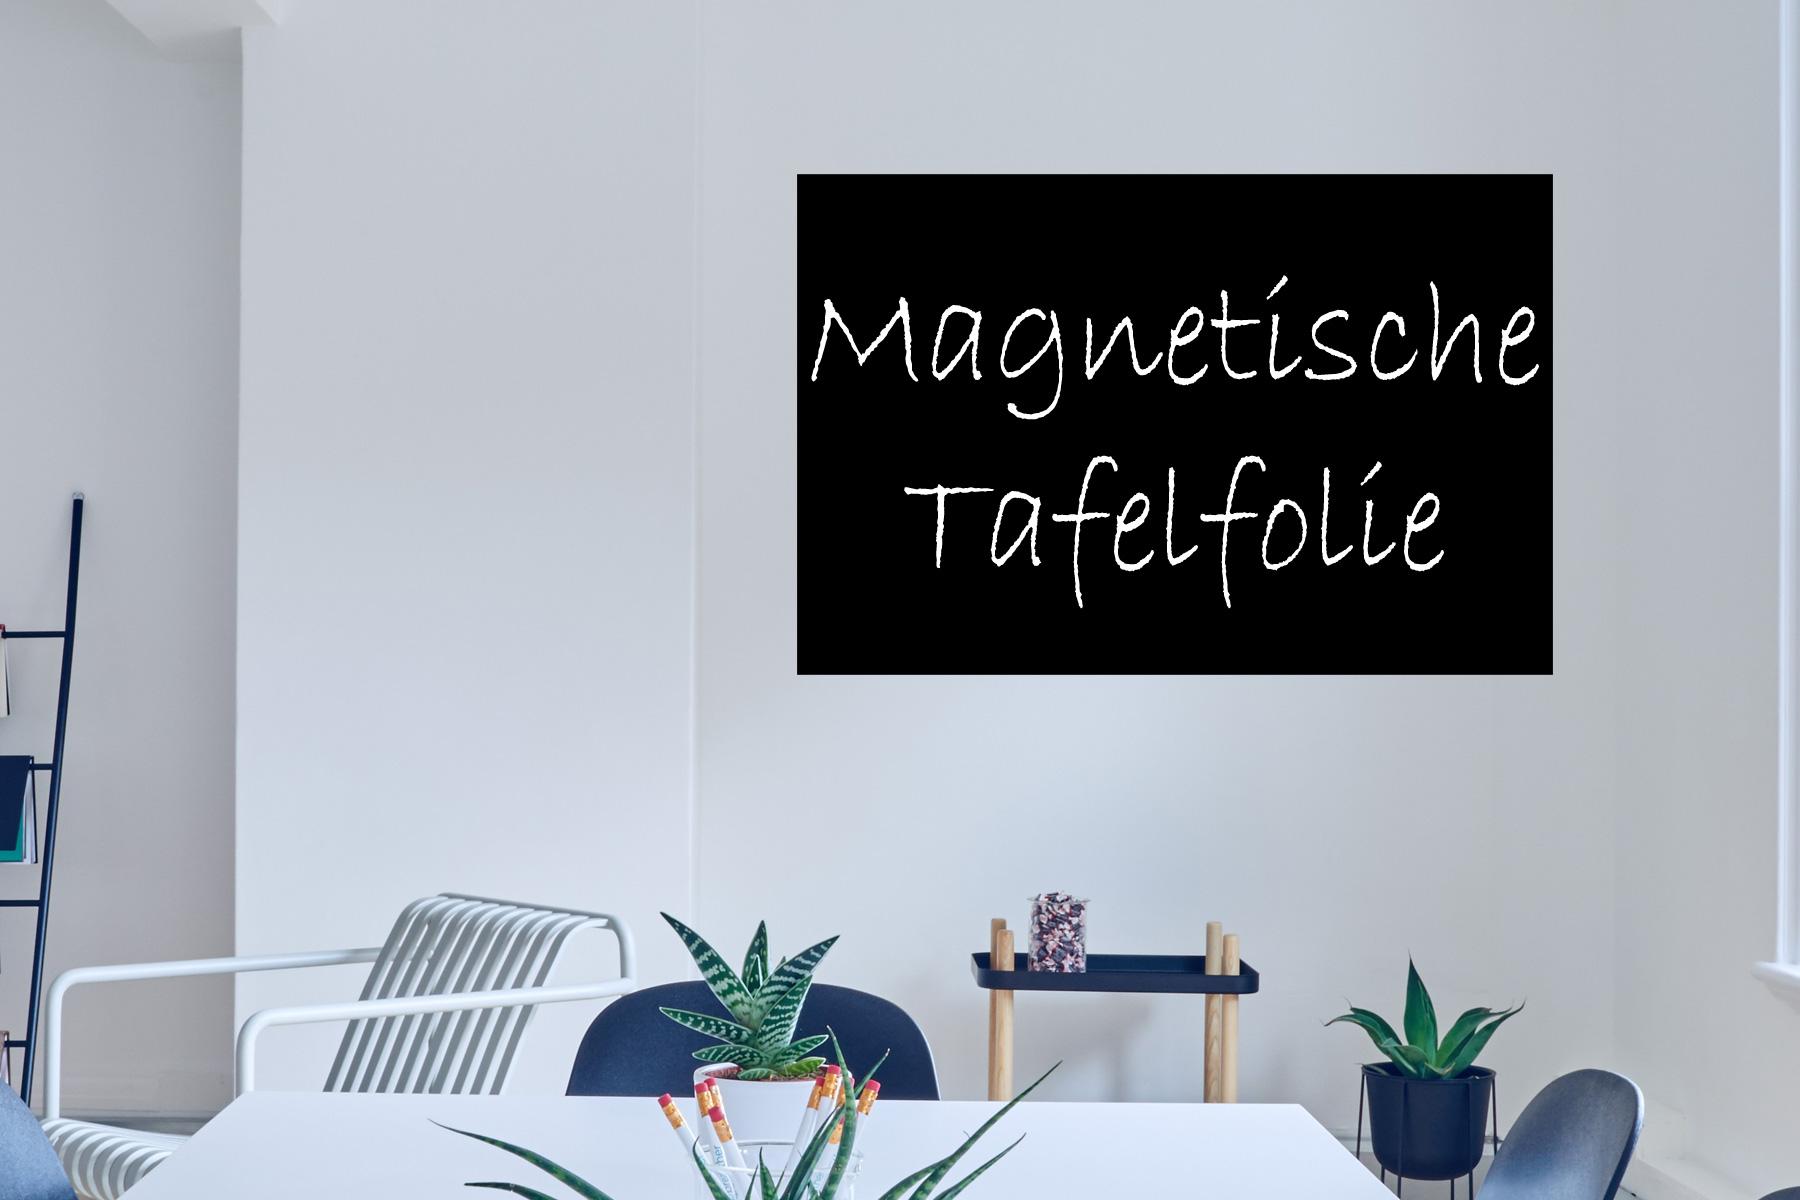 Magnetische tafelfolie selbstklebend f r magnete for Klebefolie wandschutzfolie